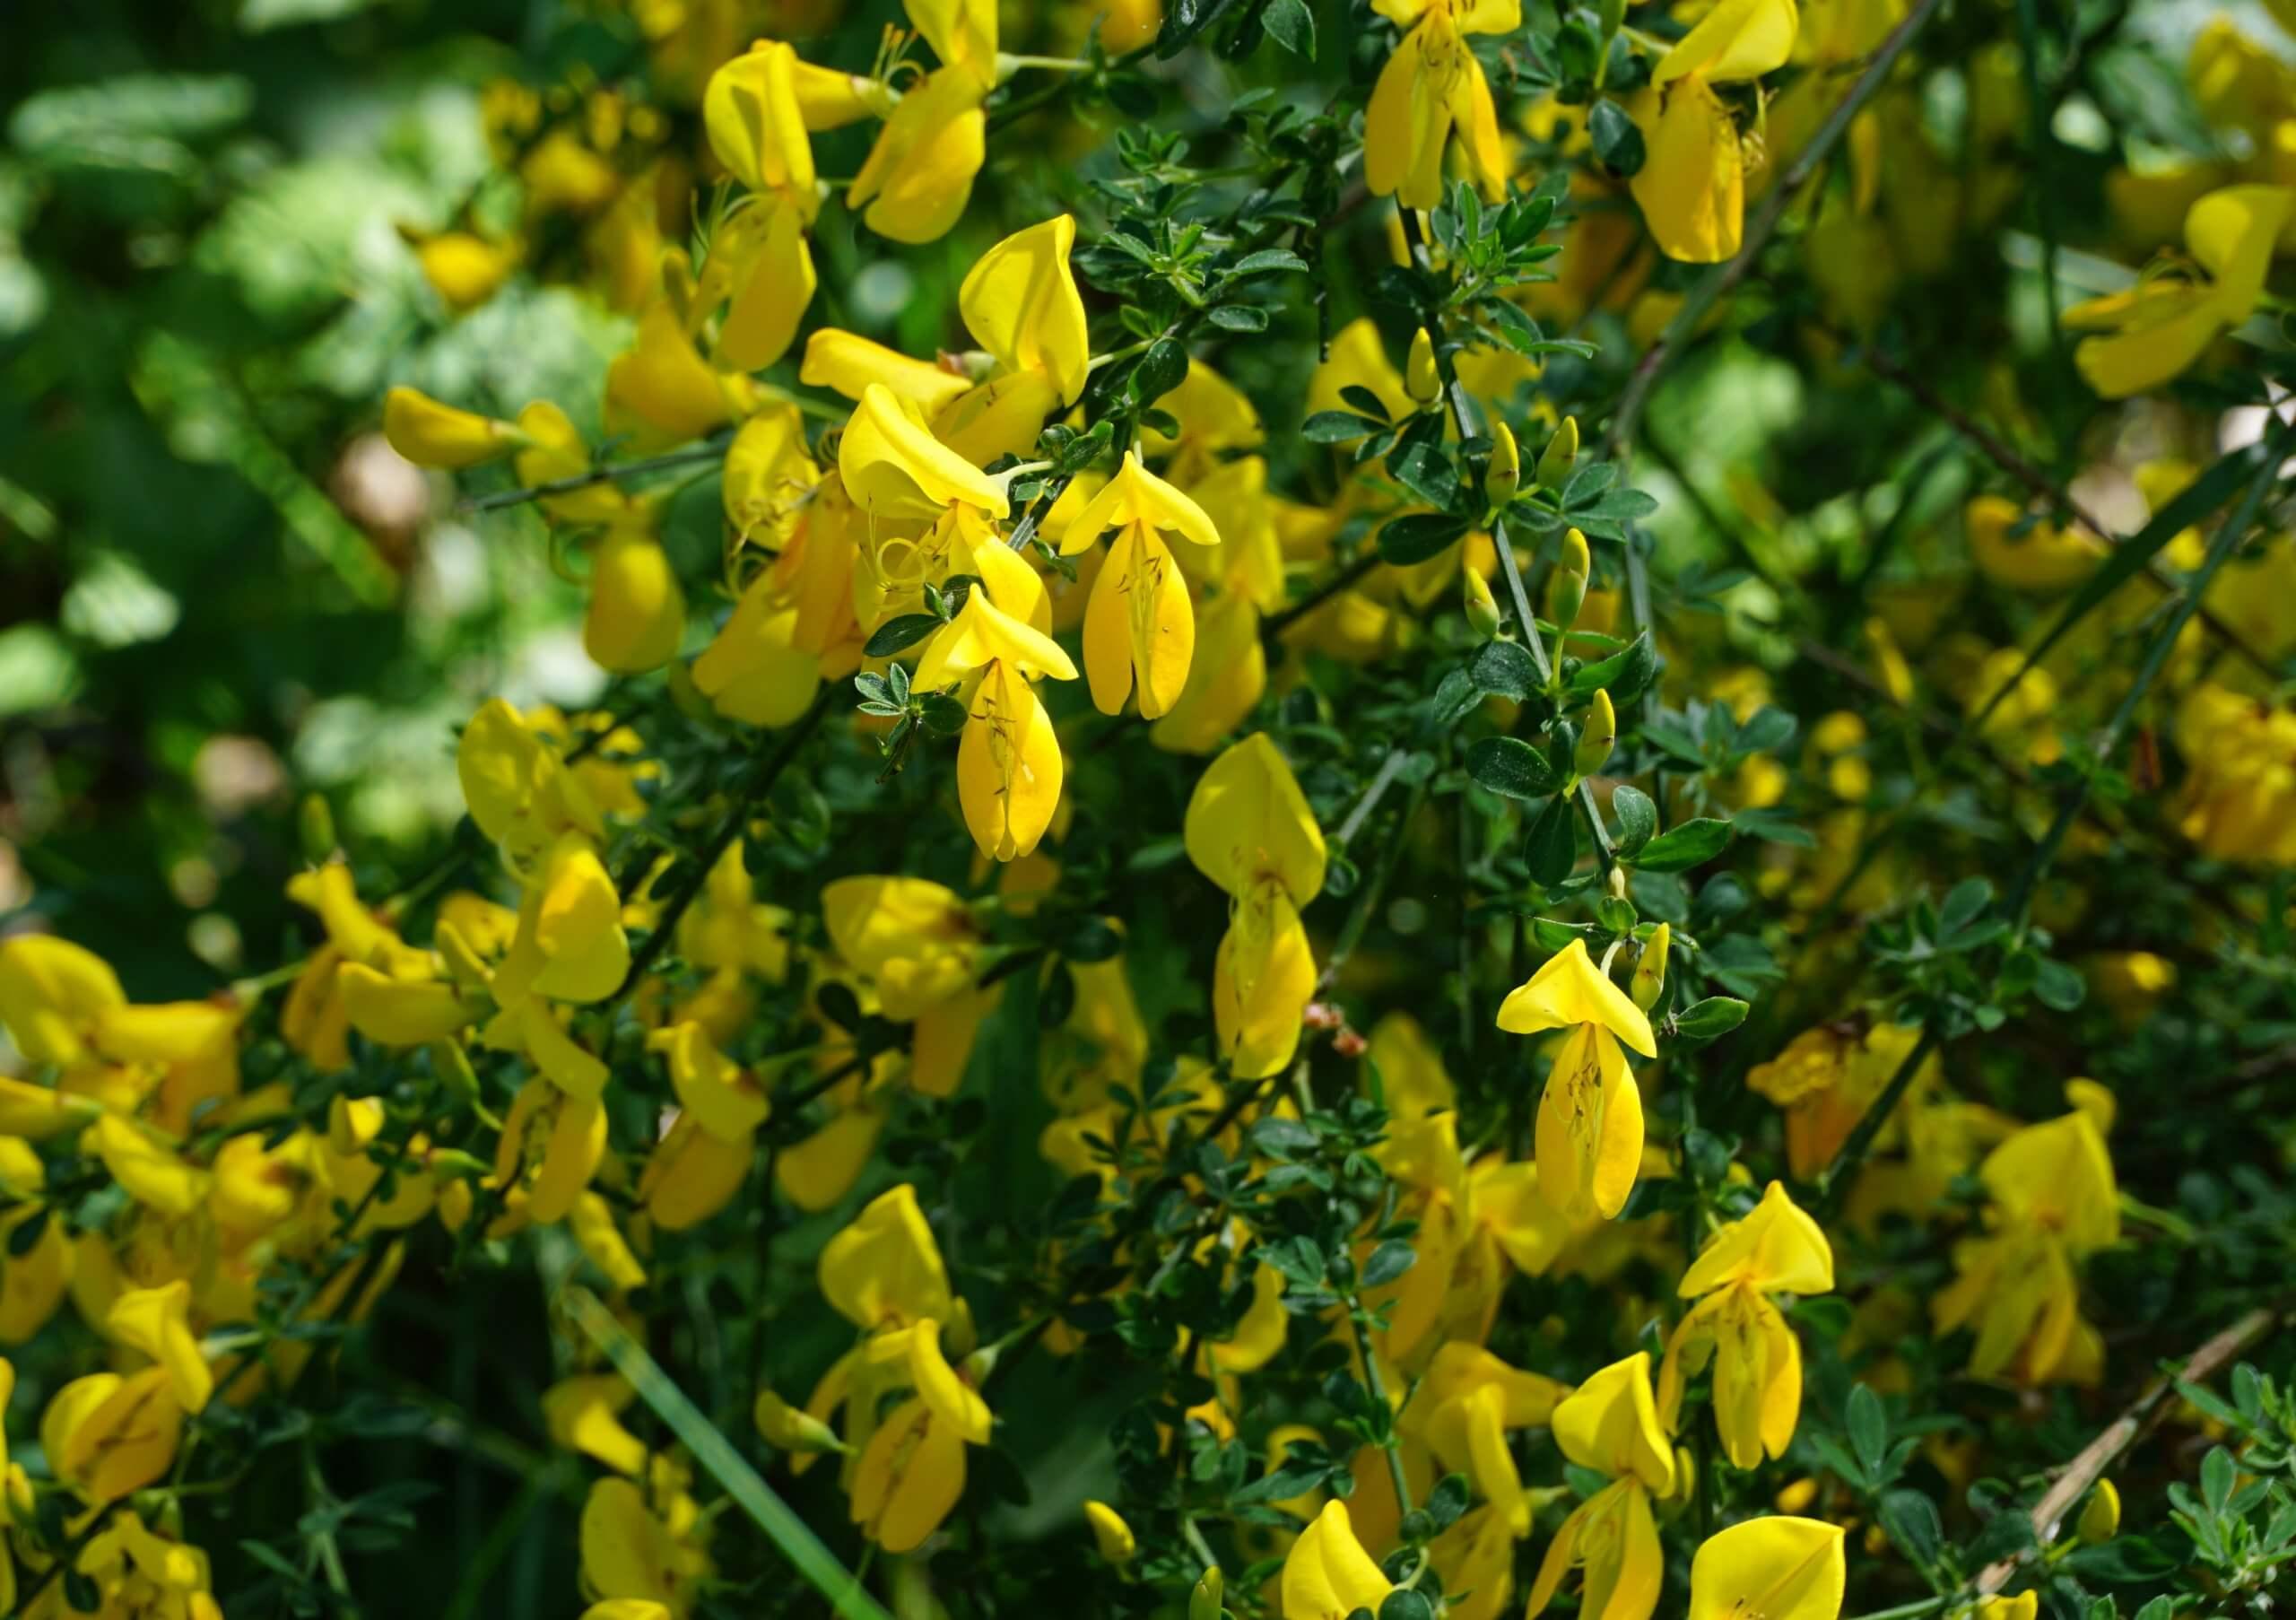 Das Bild zeigt einen Abschnitt eines in der Blüte stehenden Besenginsters. Die Blüten sind satt gelb und leuchten im Sonnenlicht. Hier an einem krautigen Strauch im Müggelwald, Ende Mai 2021.